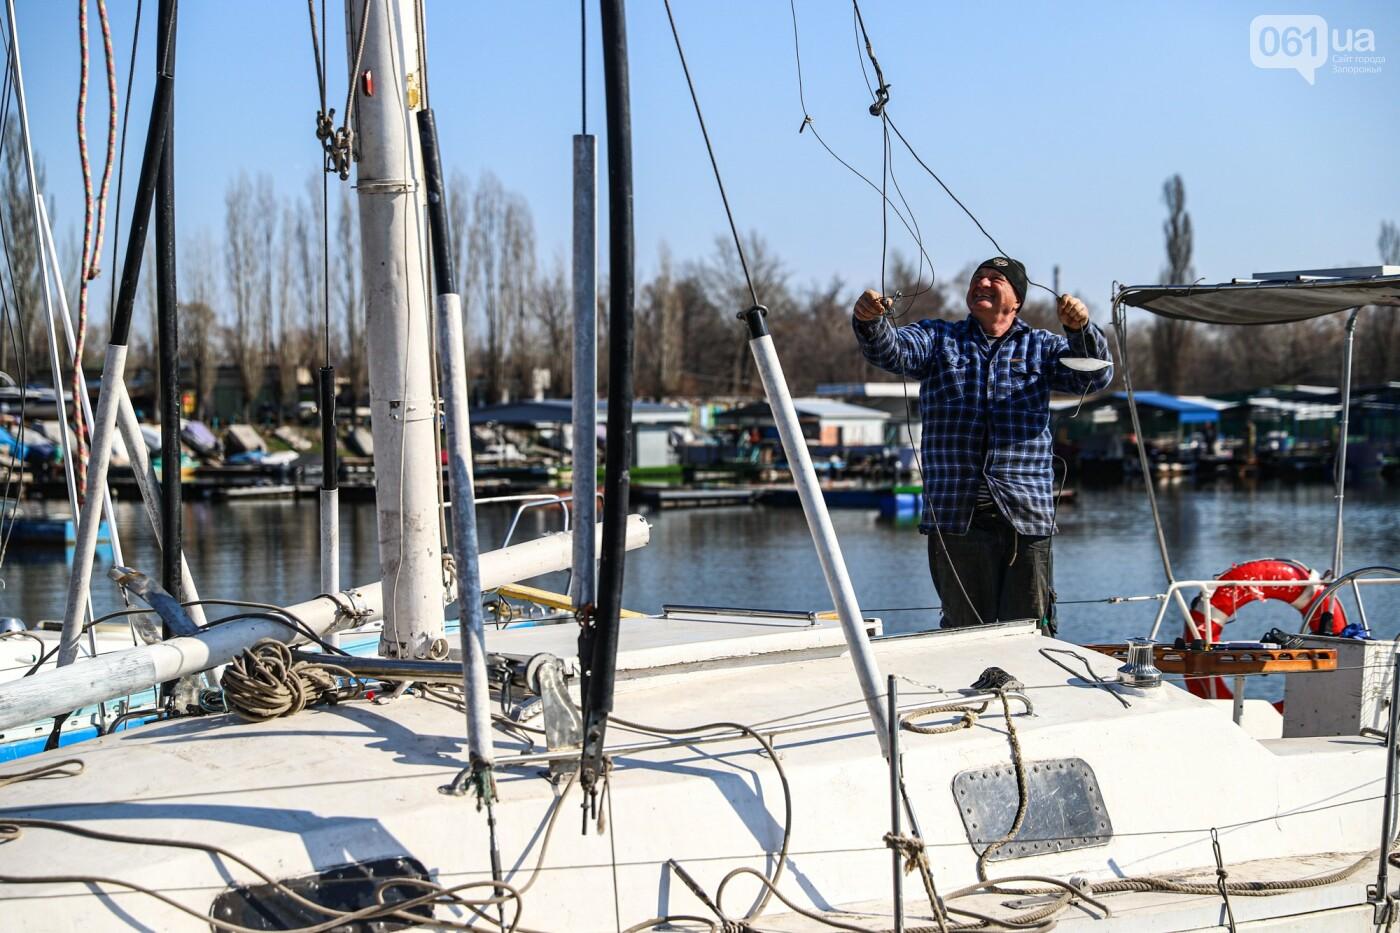 «Семь футов под килем!»: как в запорожском яхт-клубе спускали судна на воду, - ФОТОРЕПОРТАЖ , фото-24